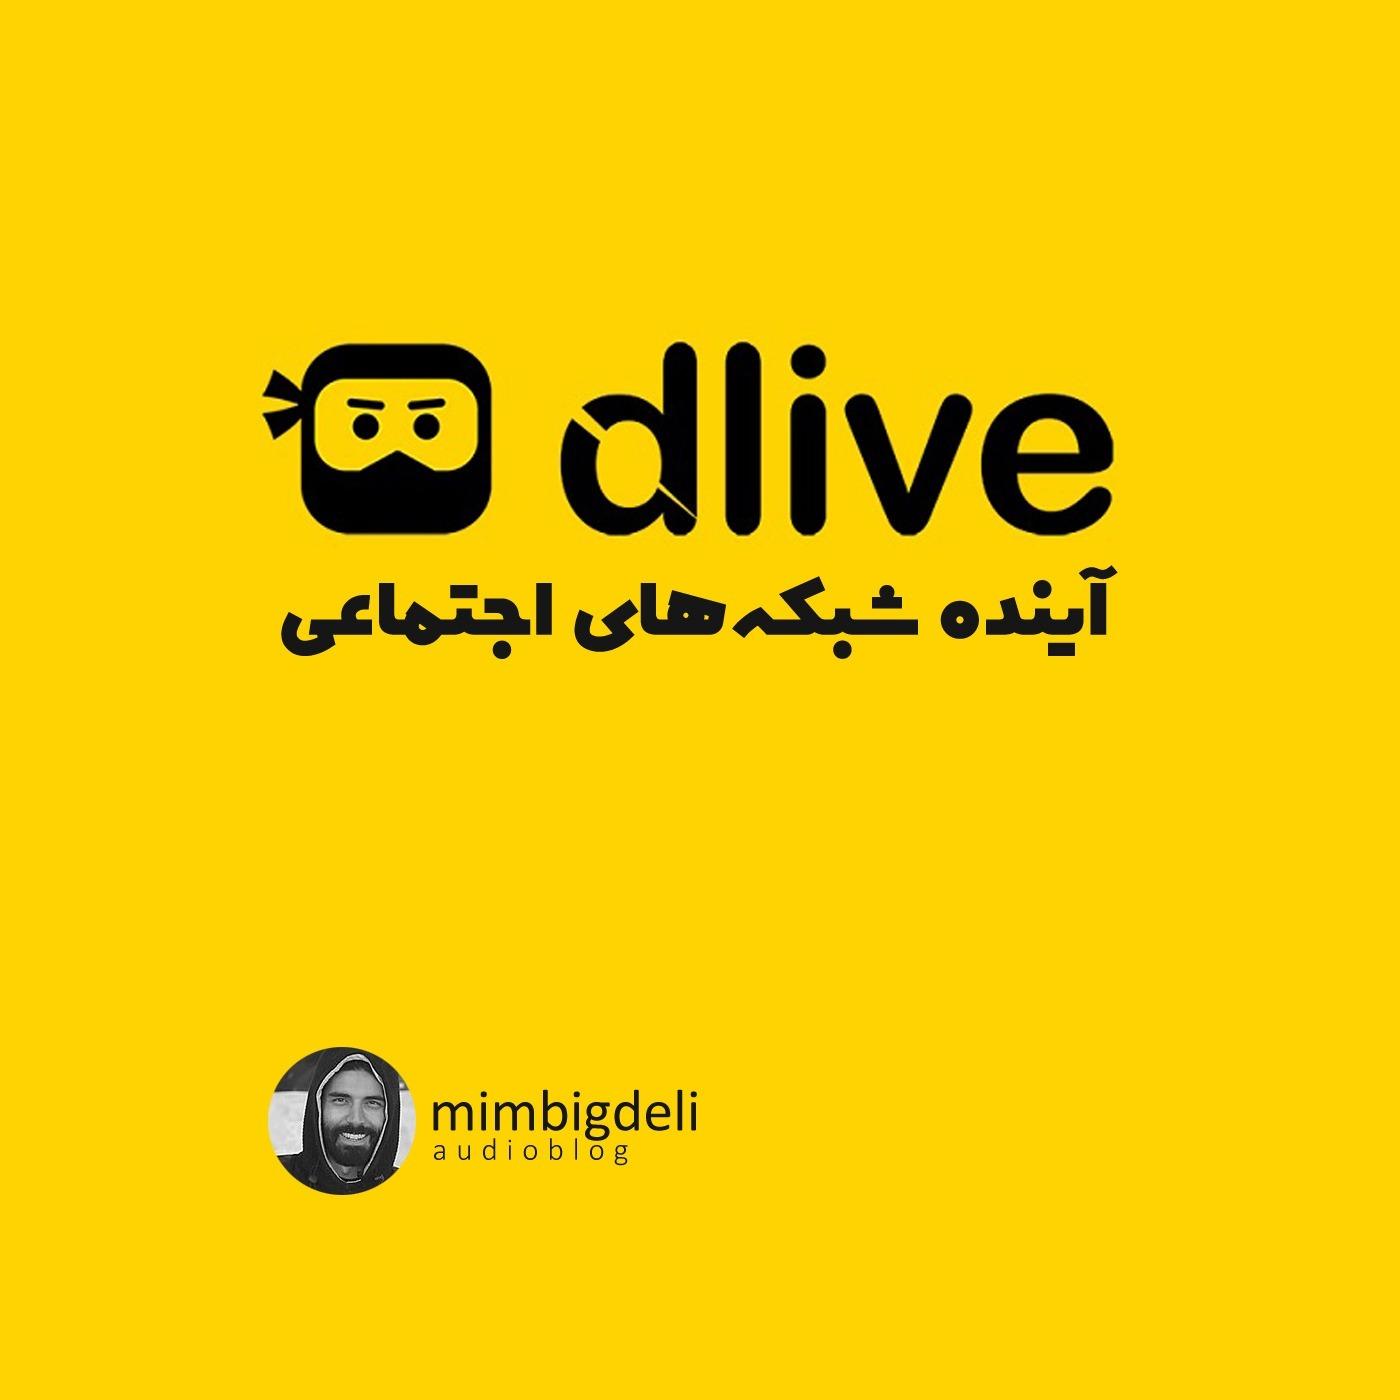 دیلایو و آینده شبکههای اجتماعی